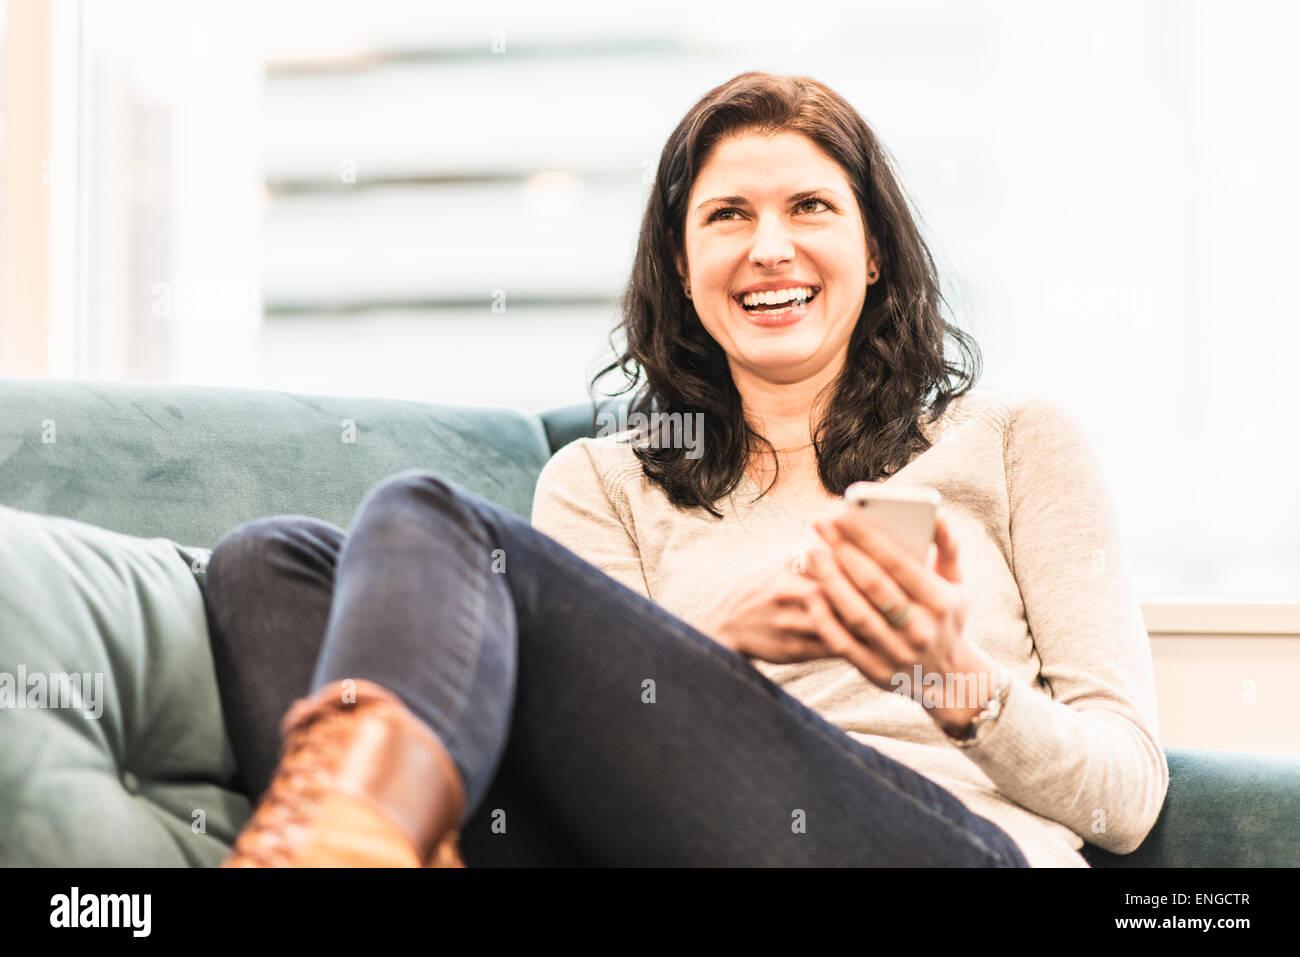 Una mujer sentada con sus pies en un sofá, mirando su teléfono inteligente. Imagen De Stock